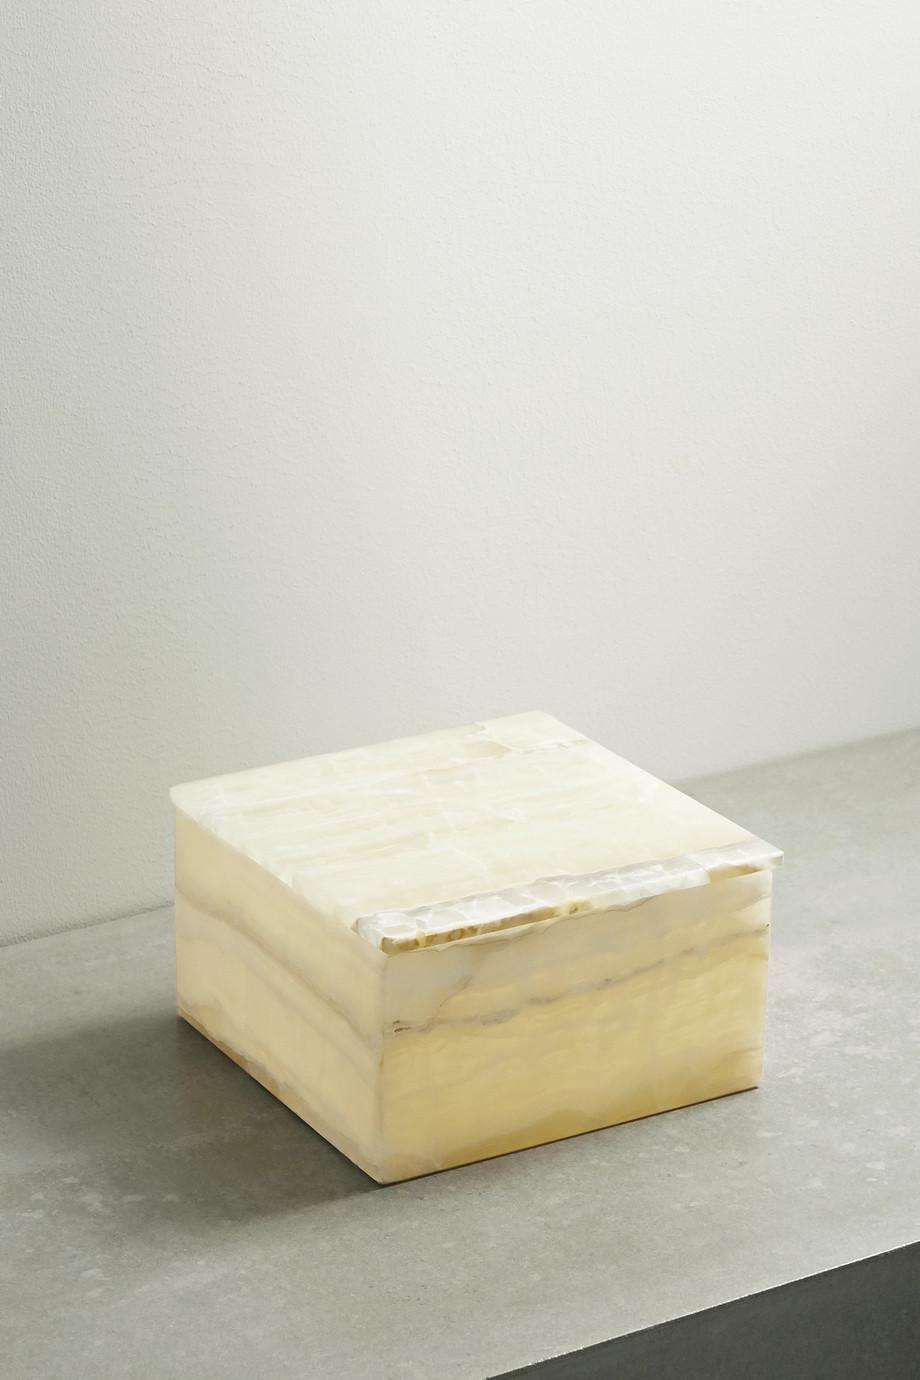 Kimberly McDonald Agate box